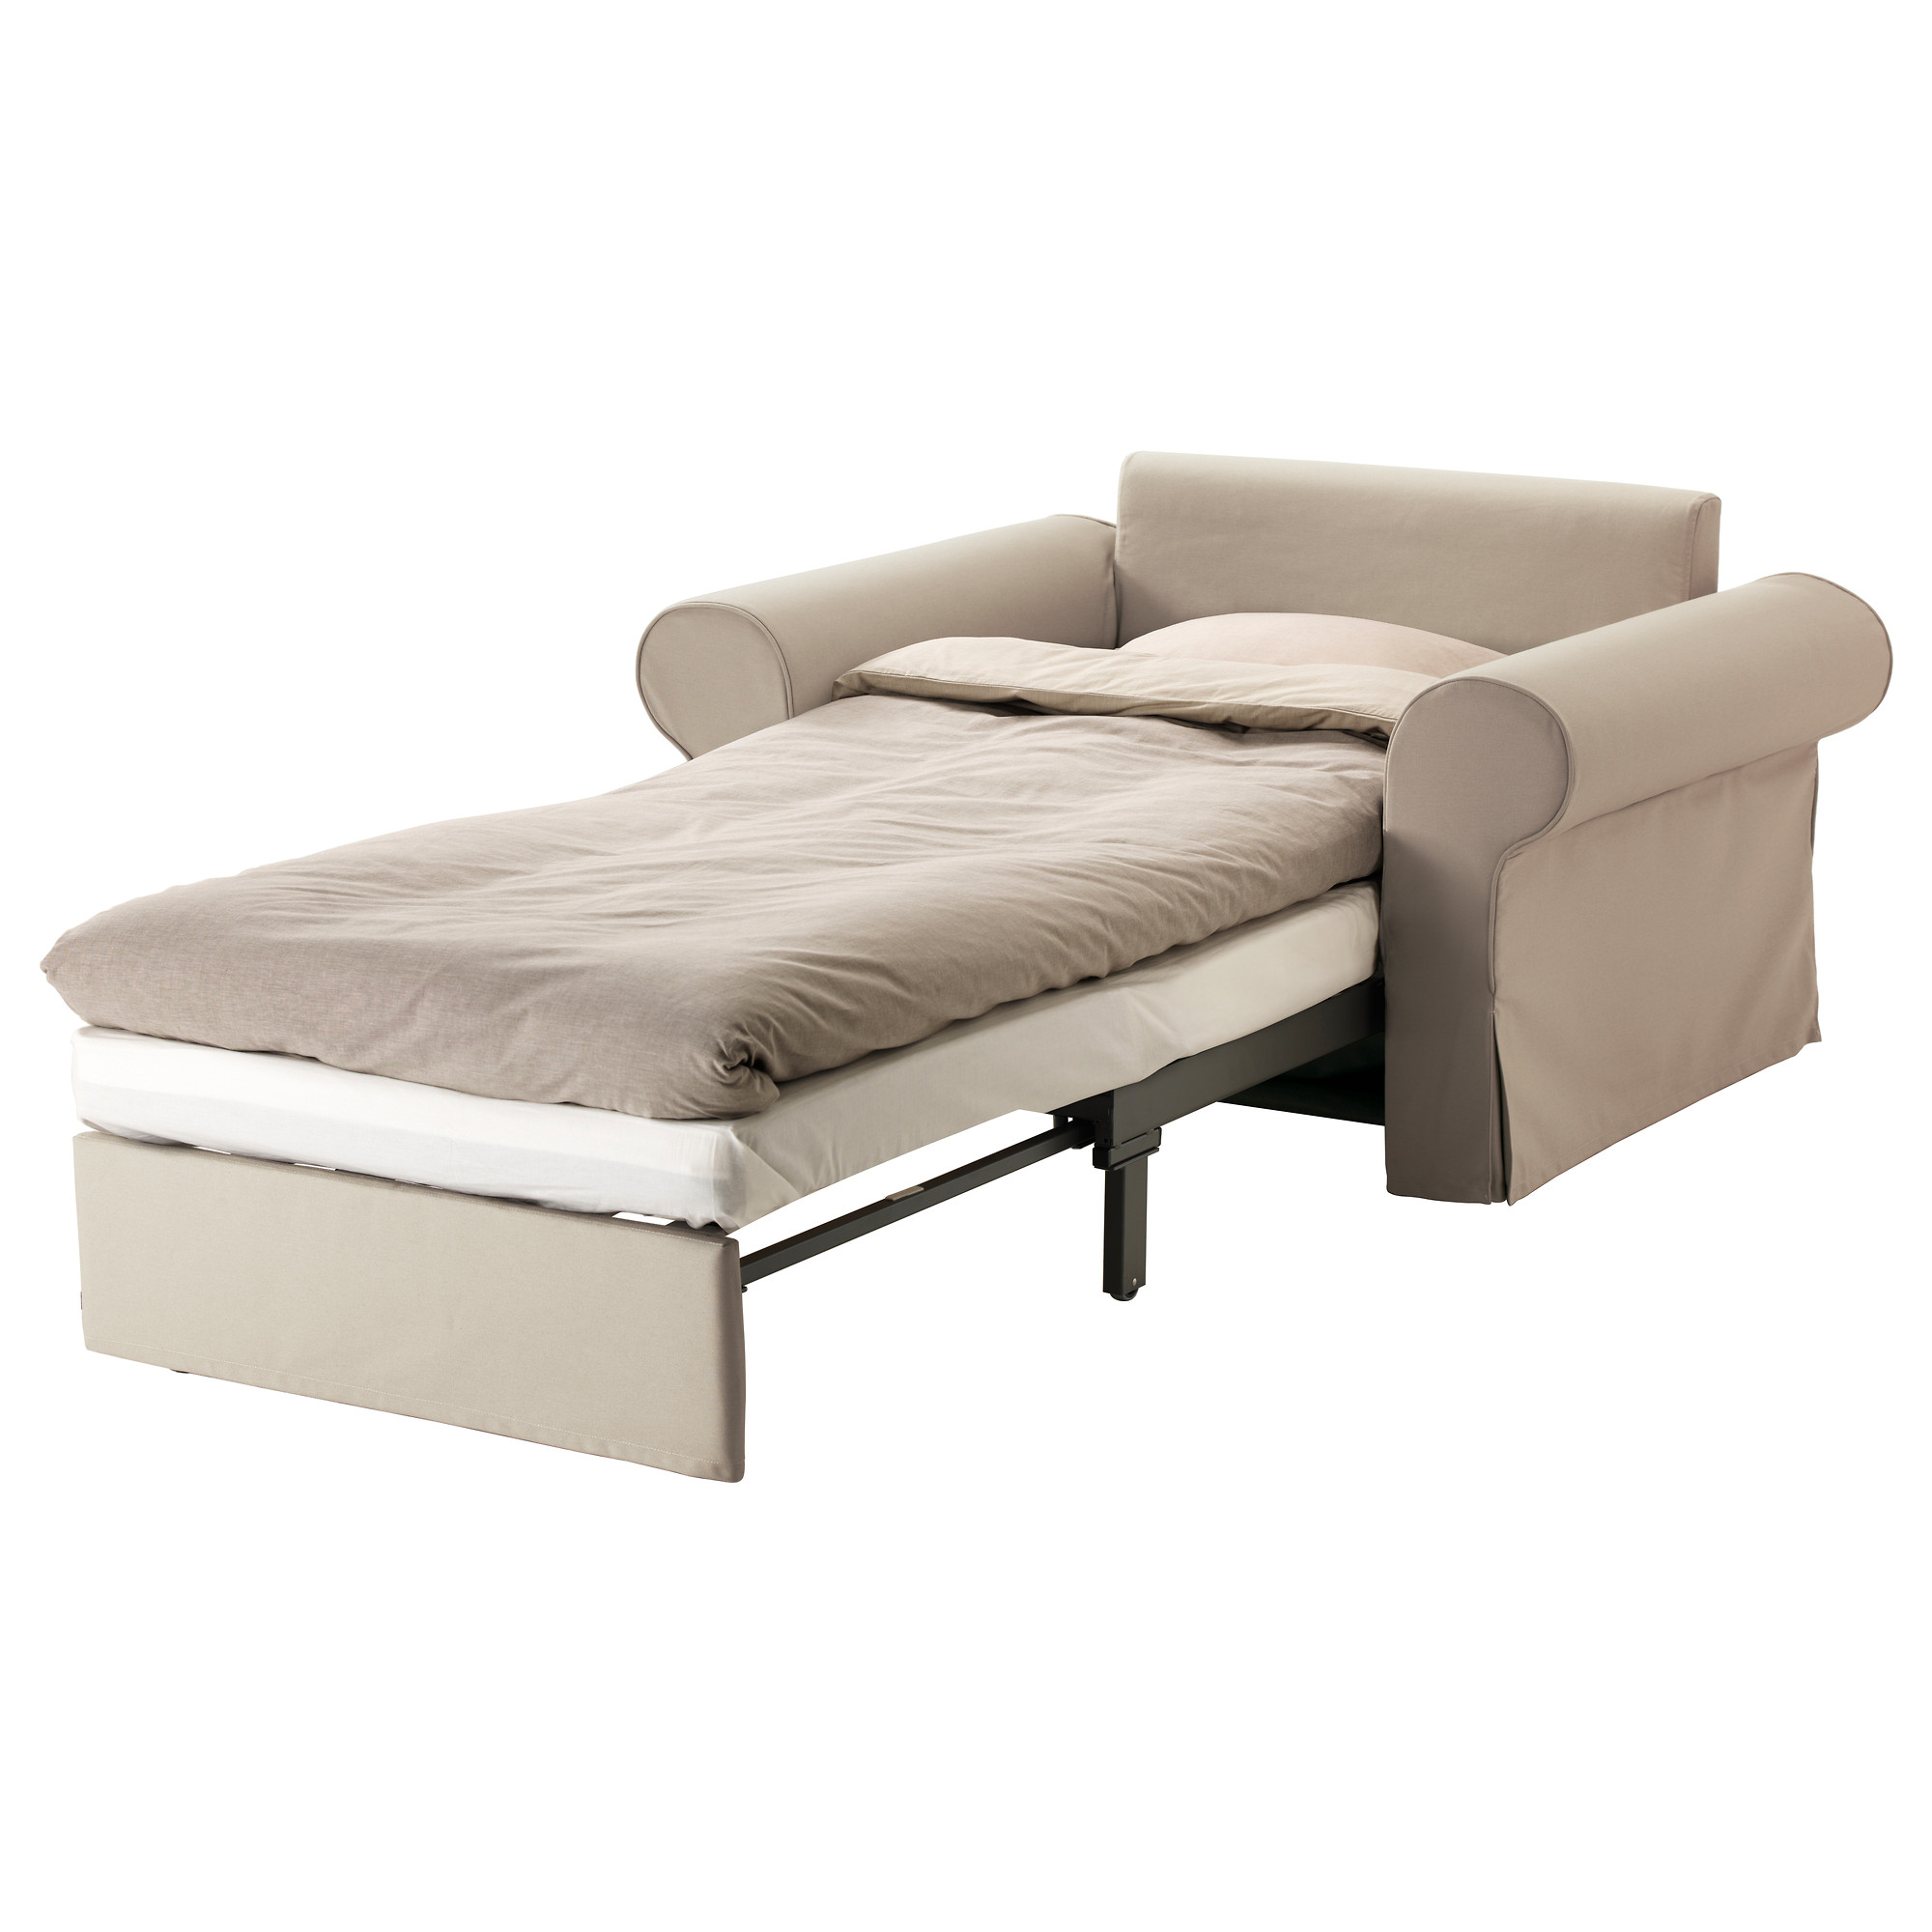 кресло кровать икеа фото этому можем